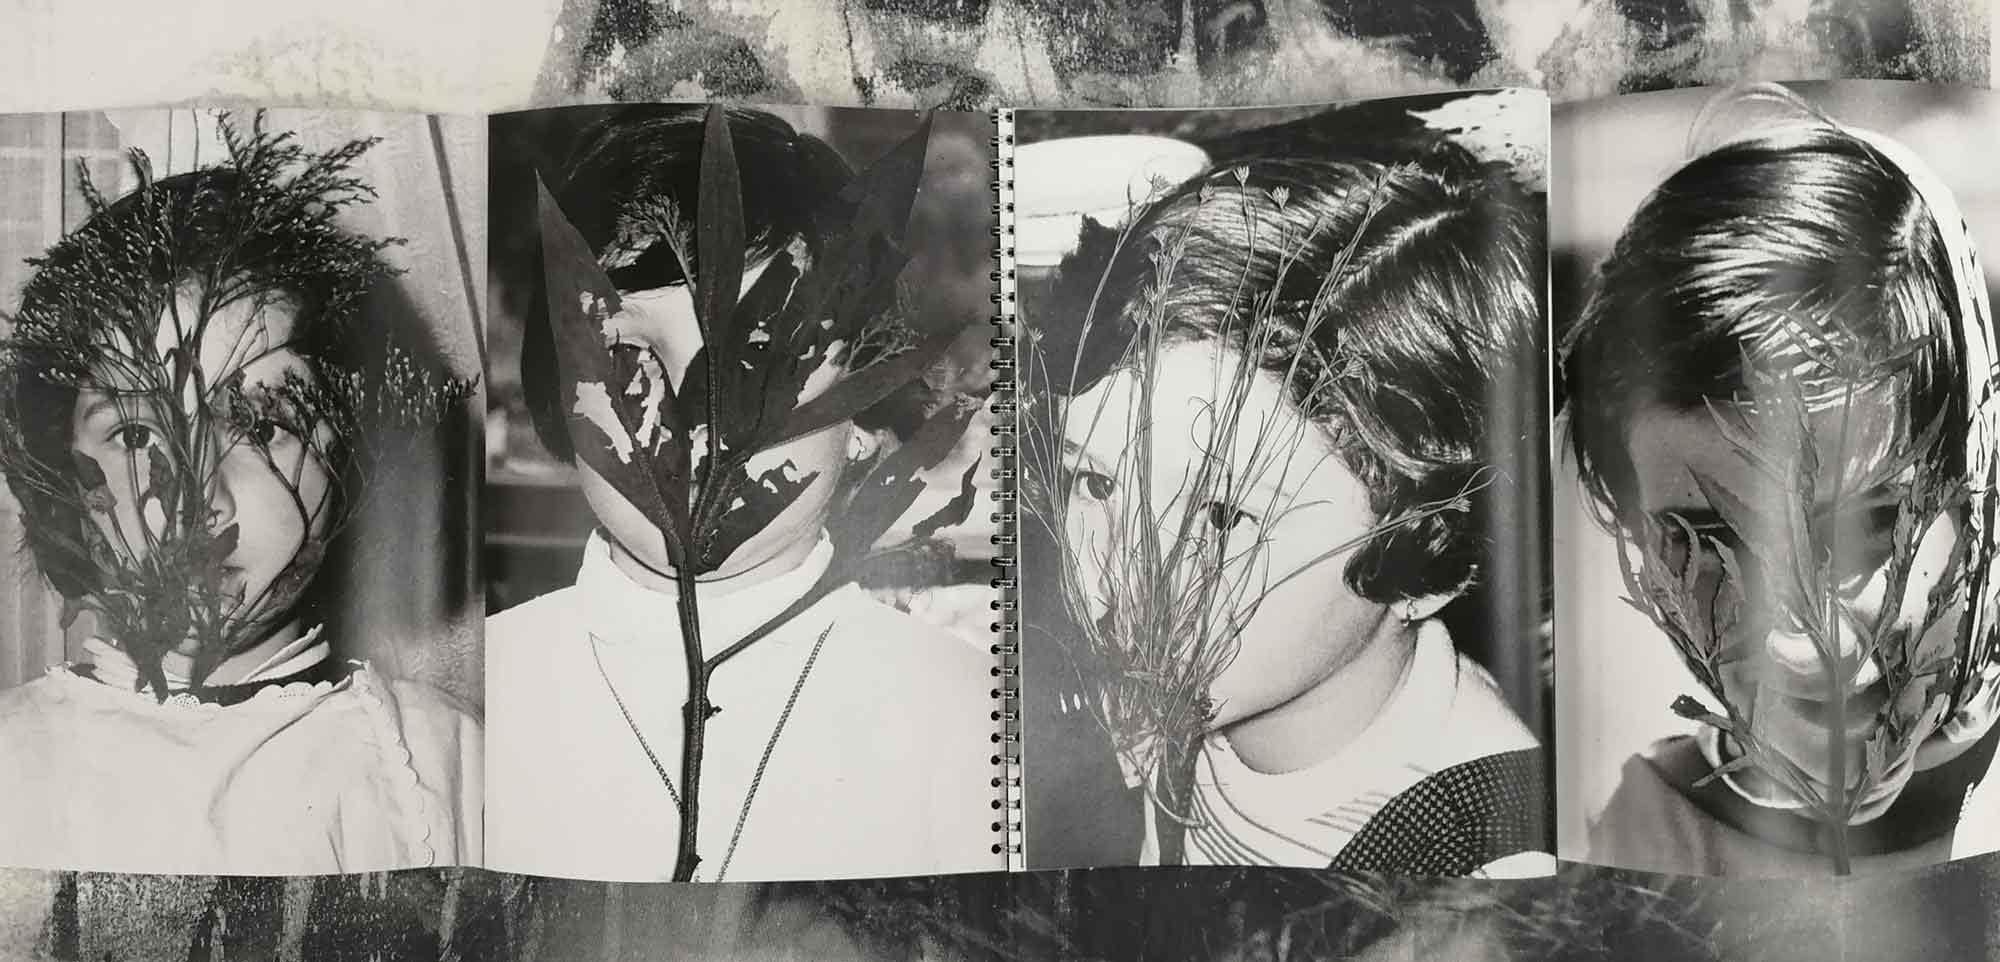 flora-mccallica-wire-ed-03